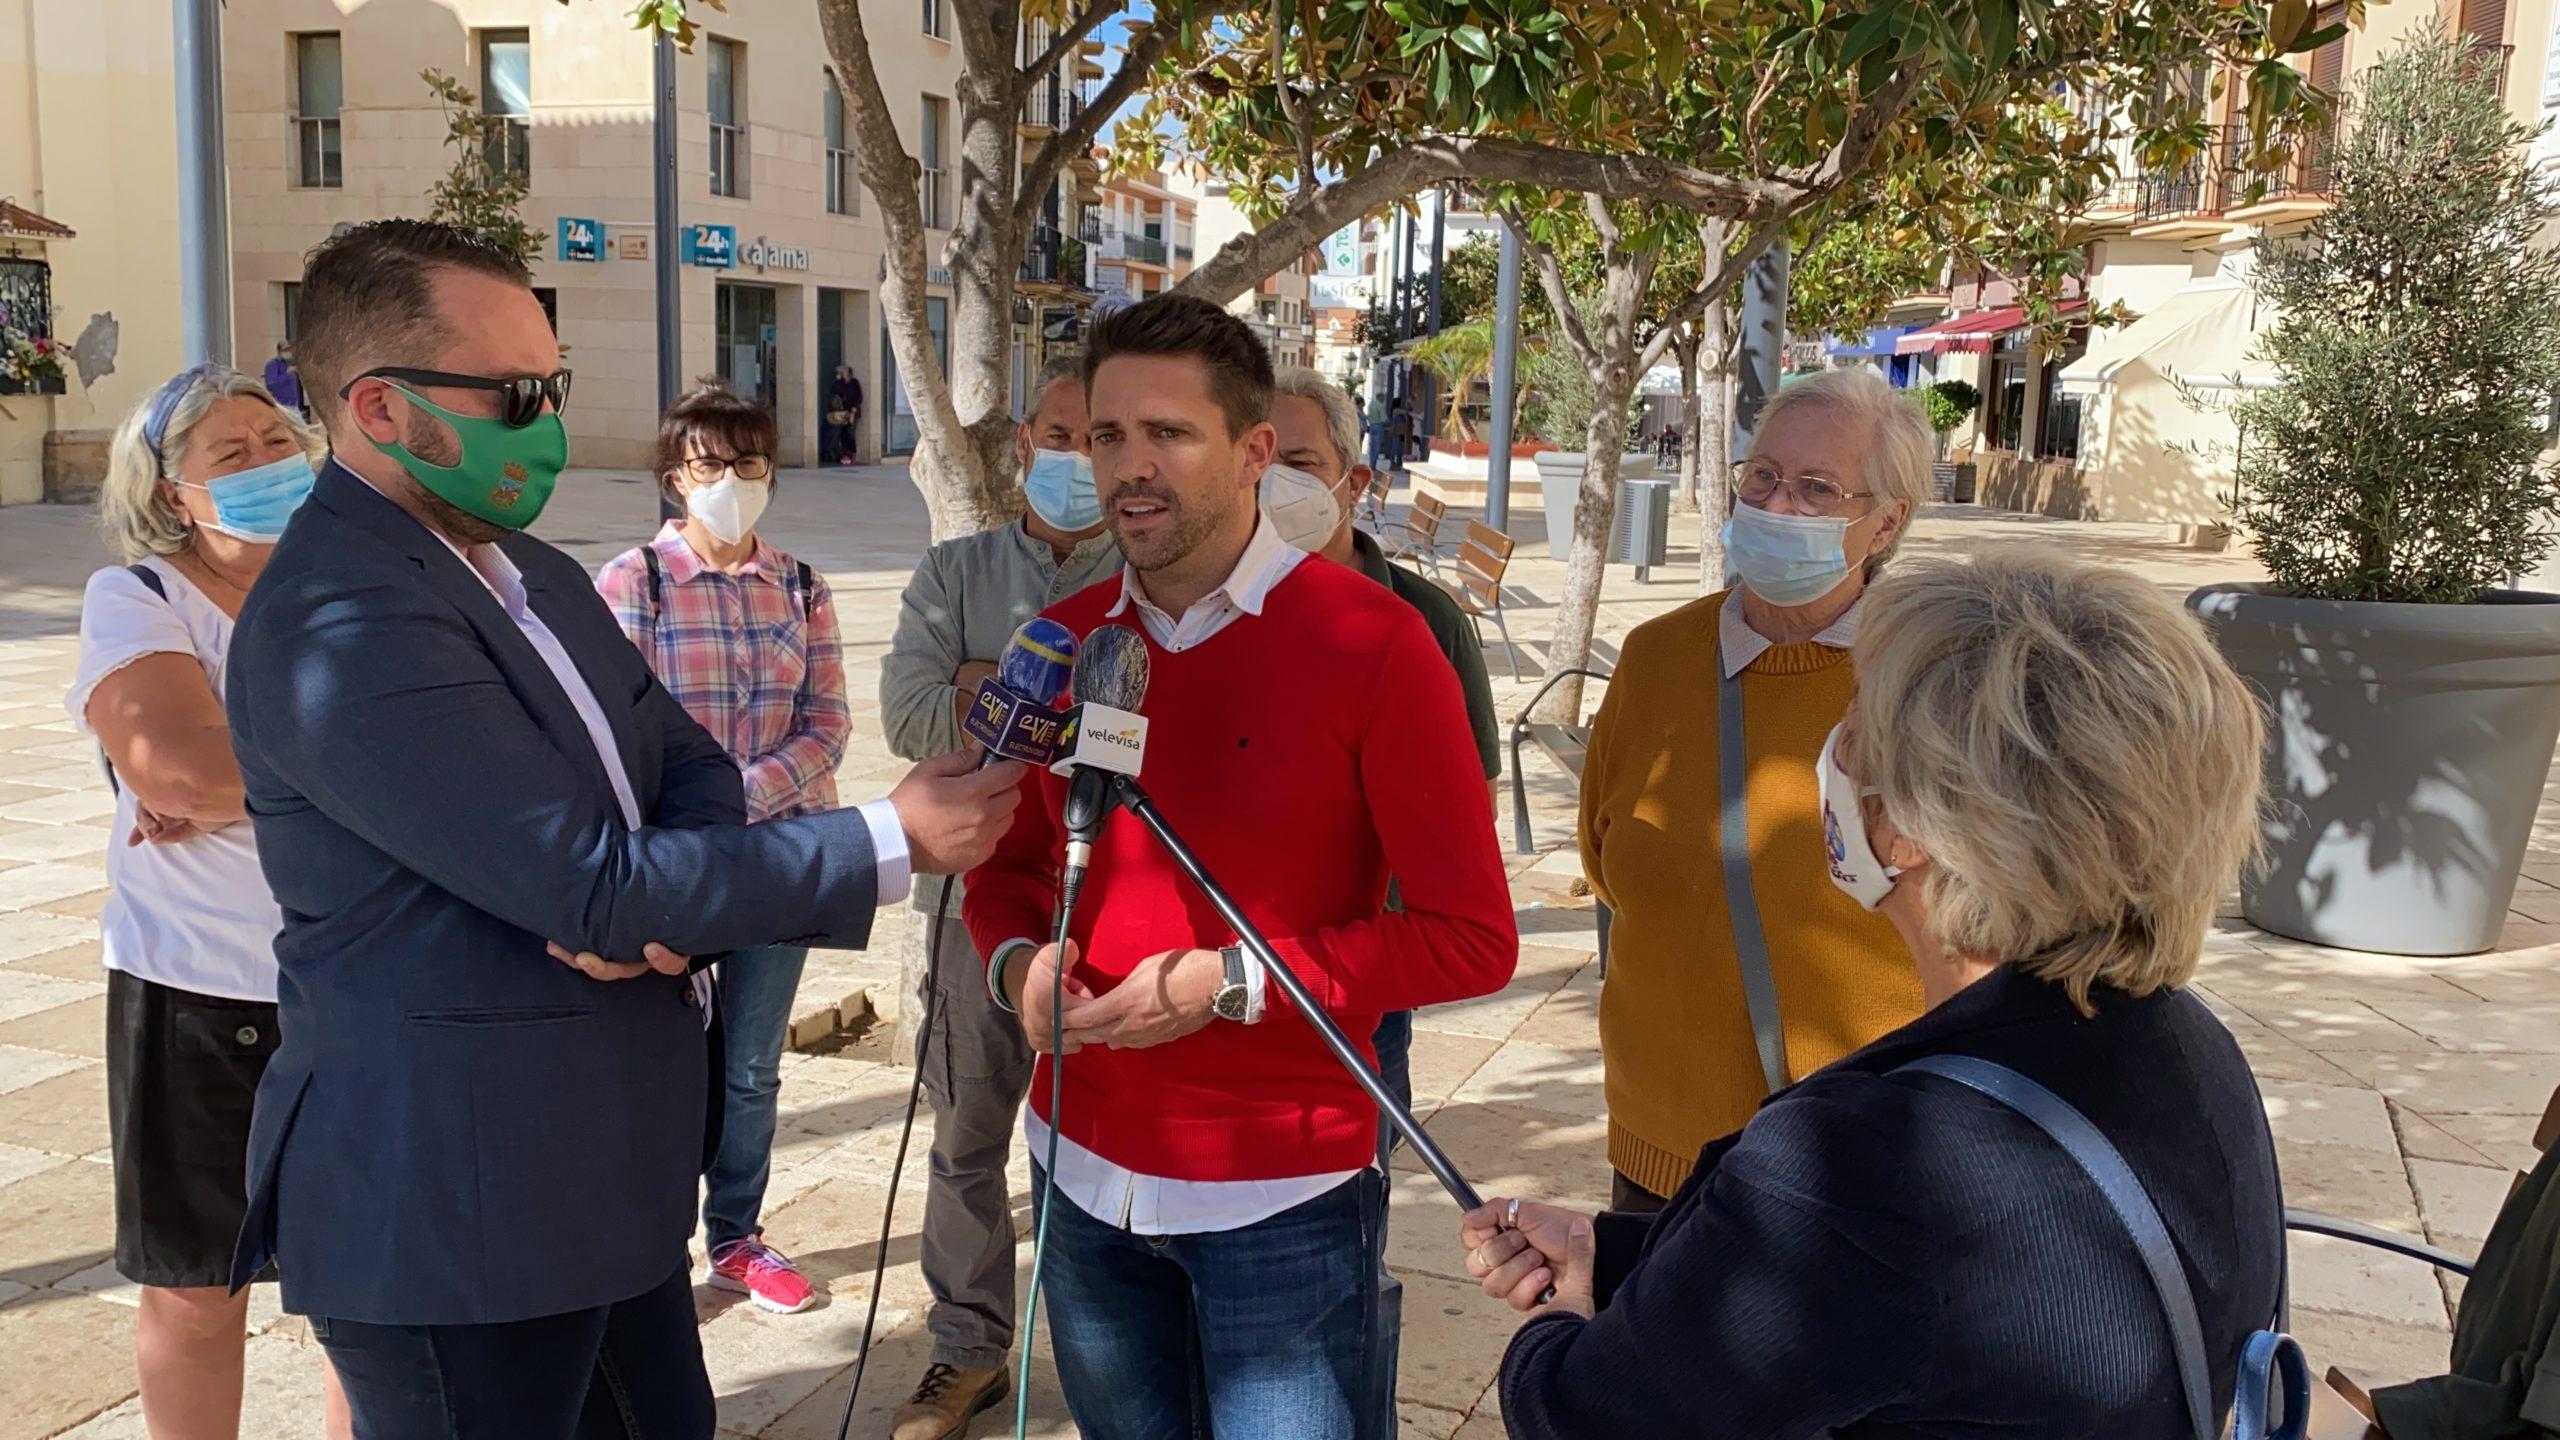 """El portavoz de Andalucía por Sí en el Ayuntamiento de Vélez-Málaga, José Pino, ha declarado que """"estoy muy feliz de que, una nueva propuesta de Andalucía por Sí, salga adelante, y sobre todo, una tan importante como es la del CES, que gracias a nuestra propuesta y empuje, hemos conseguido implantar por primera vez en la historia""""."""